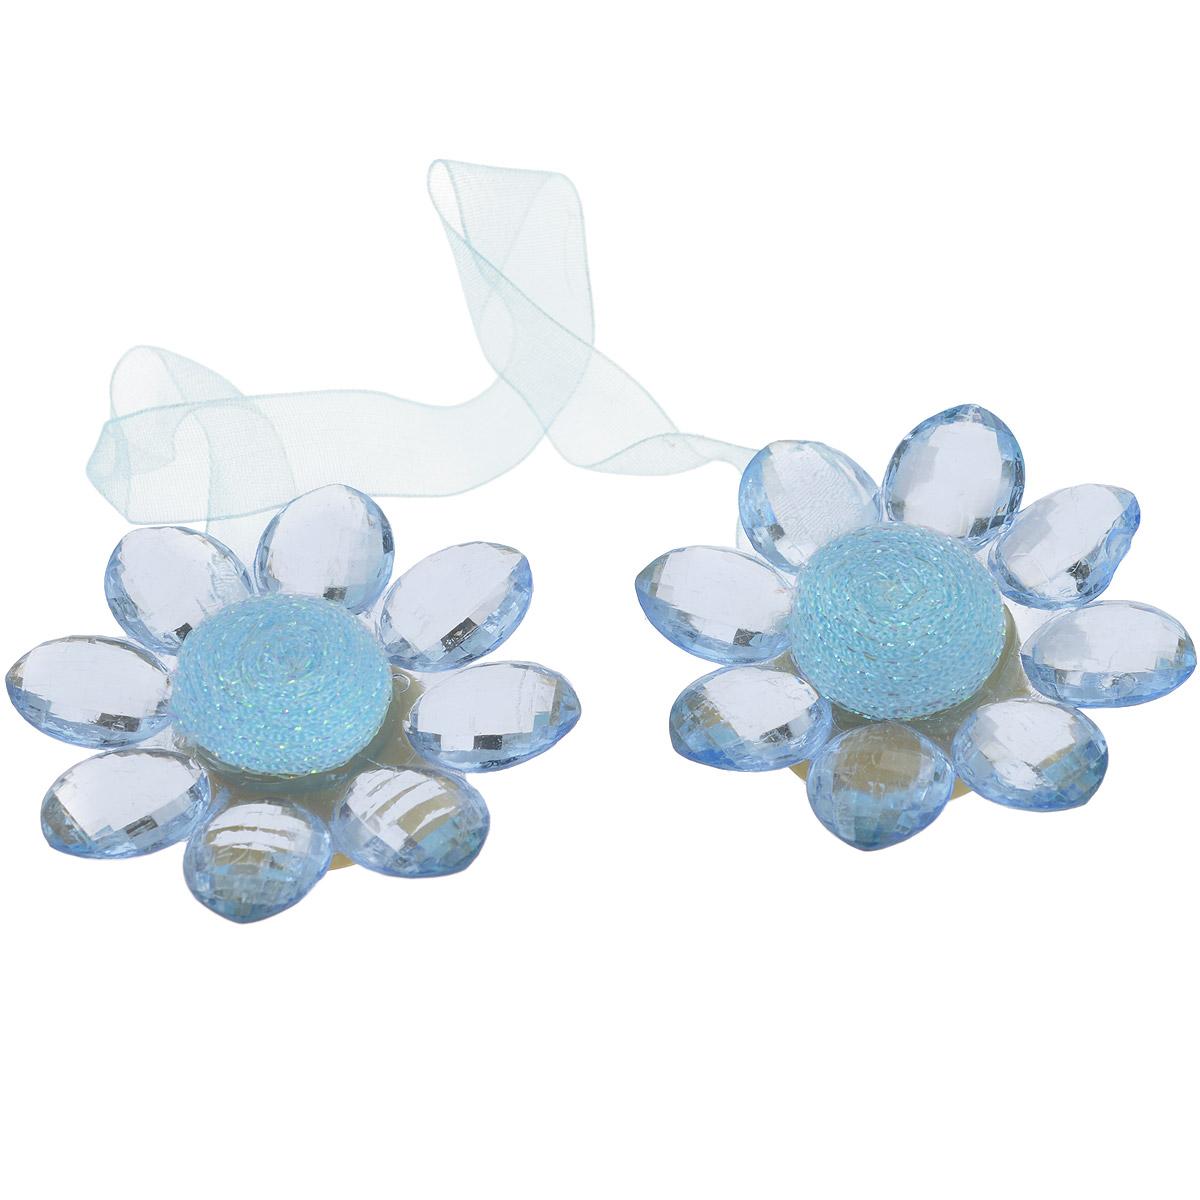 Клипса-магнит для штор Calamita Fiore, цвет: льдистый. 7704016_7847704016_784Клипса-магнит Calamita Fiore, изготовленная из пластика и текстиля, предназначена для придания формы шторам. Изделие представляет собой два магнита, расположенные на разных концах текстильной ленты. Магниты оформлены декоративными цветками. С помощью такой магнитной клипсы можно зафиксировать портьеры, придать им требуемое положение, сделать складки симметричными или приблизить портьеры, скрепить их. Клипсы для штор являются универсальным изделием, которое превосходно подойдет как для штор в детской комнате, так и для штор в гостиной. Следует отметить, что клипсы для штор выполняют не только практическую функцию, но также являются одной из основных деталей декора этого изделия, которая придает шторам восхитительный, стильный внешний вид.кани Материал: пластик, полиэстер, магнит.Диаметр декоративного цветка: 5,5 см.Длина ленты: 28 см.